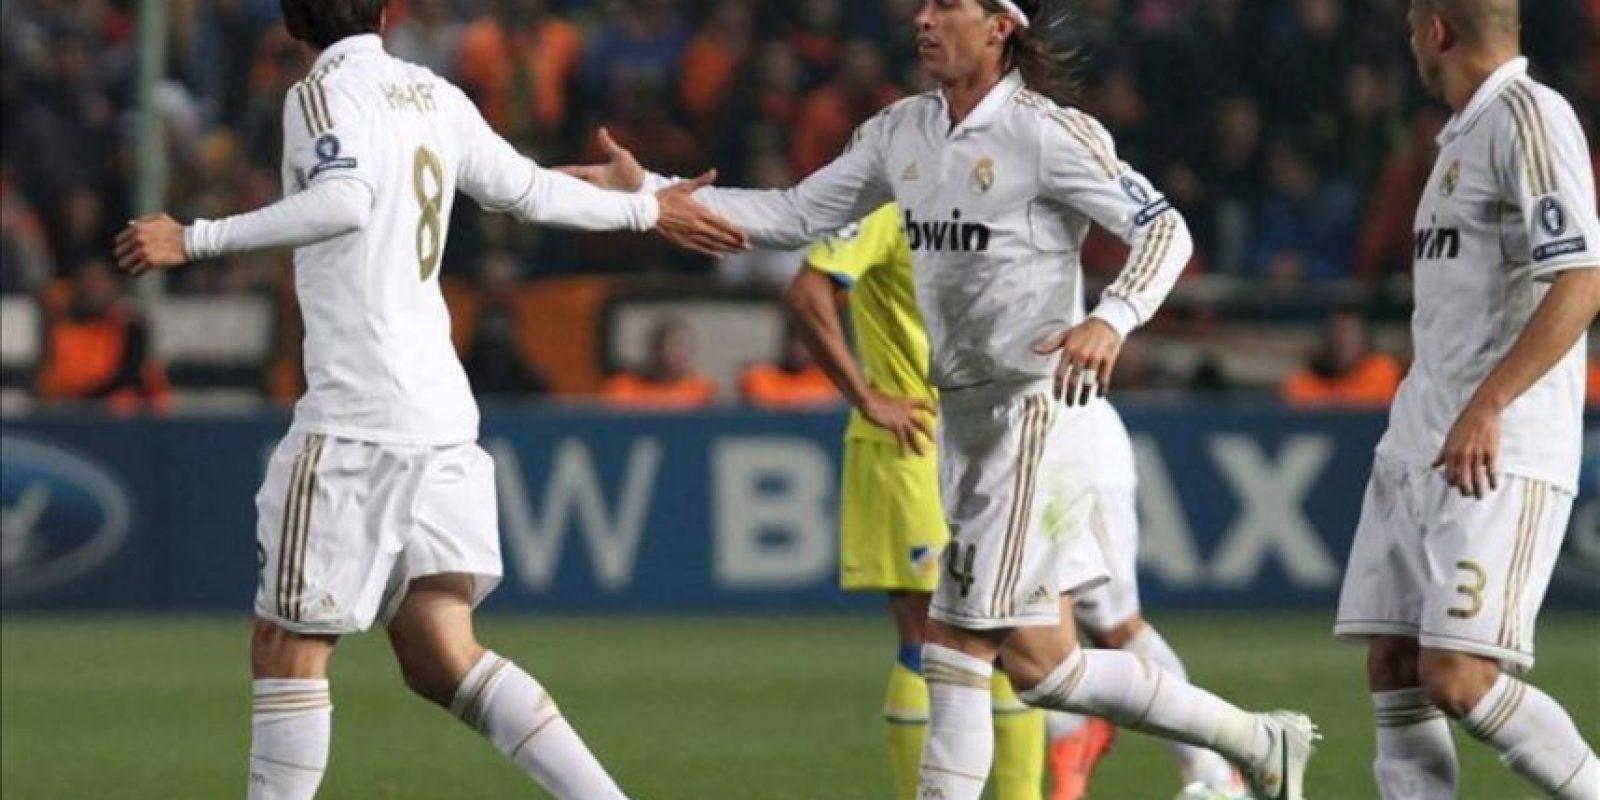 Los jugadores Kaka (i) y Sergio Ramos (c) del Real Madrid celebran el 2-0 contra el Apoel FC durante el partido de ida de cuartos de final de Liga de Campeones disputado en el estadio GSP de Nicosia (Chipre). EFE